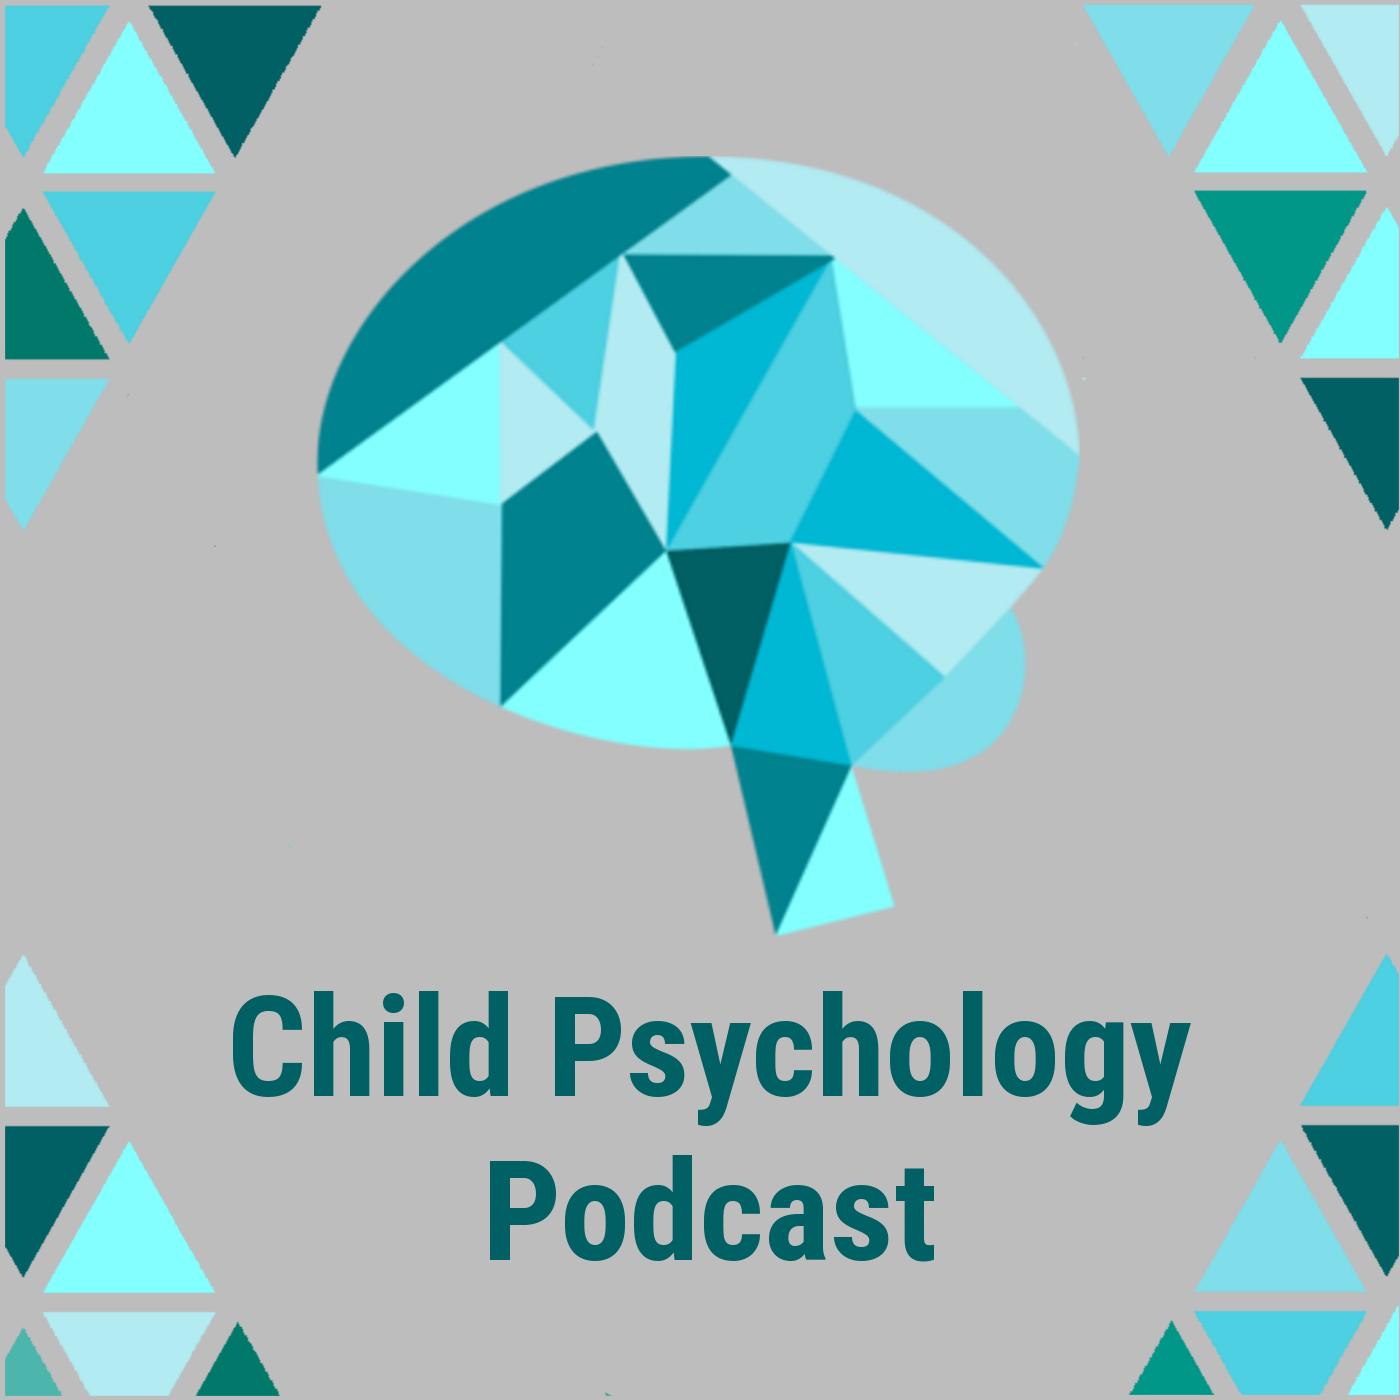 Child Psychology Podcast